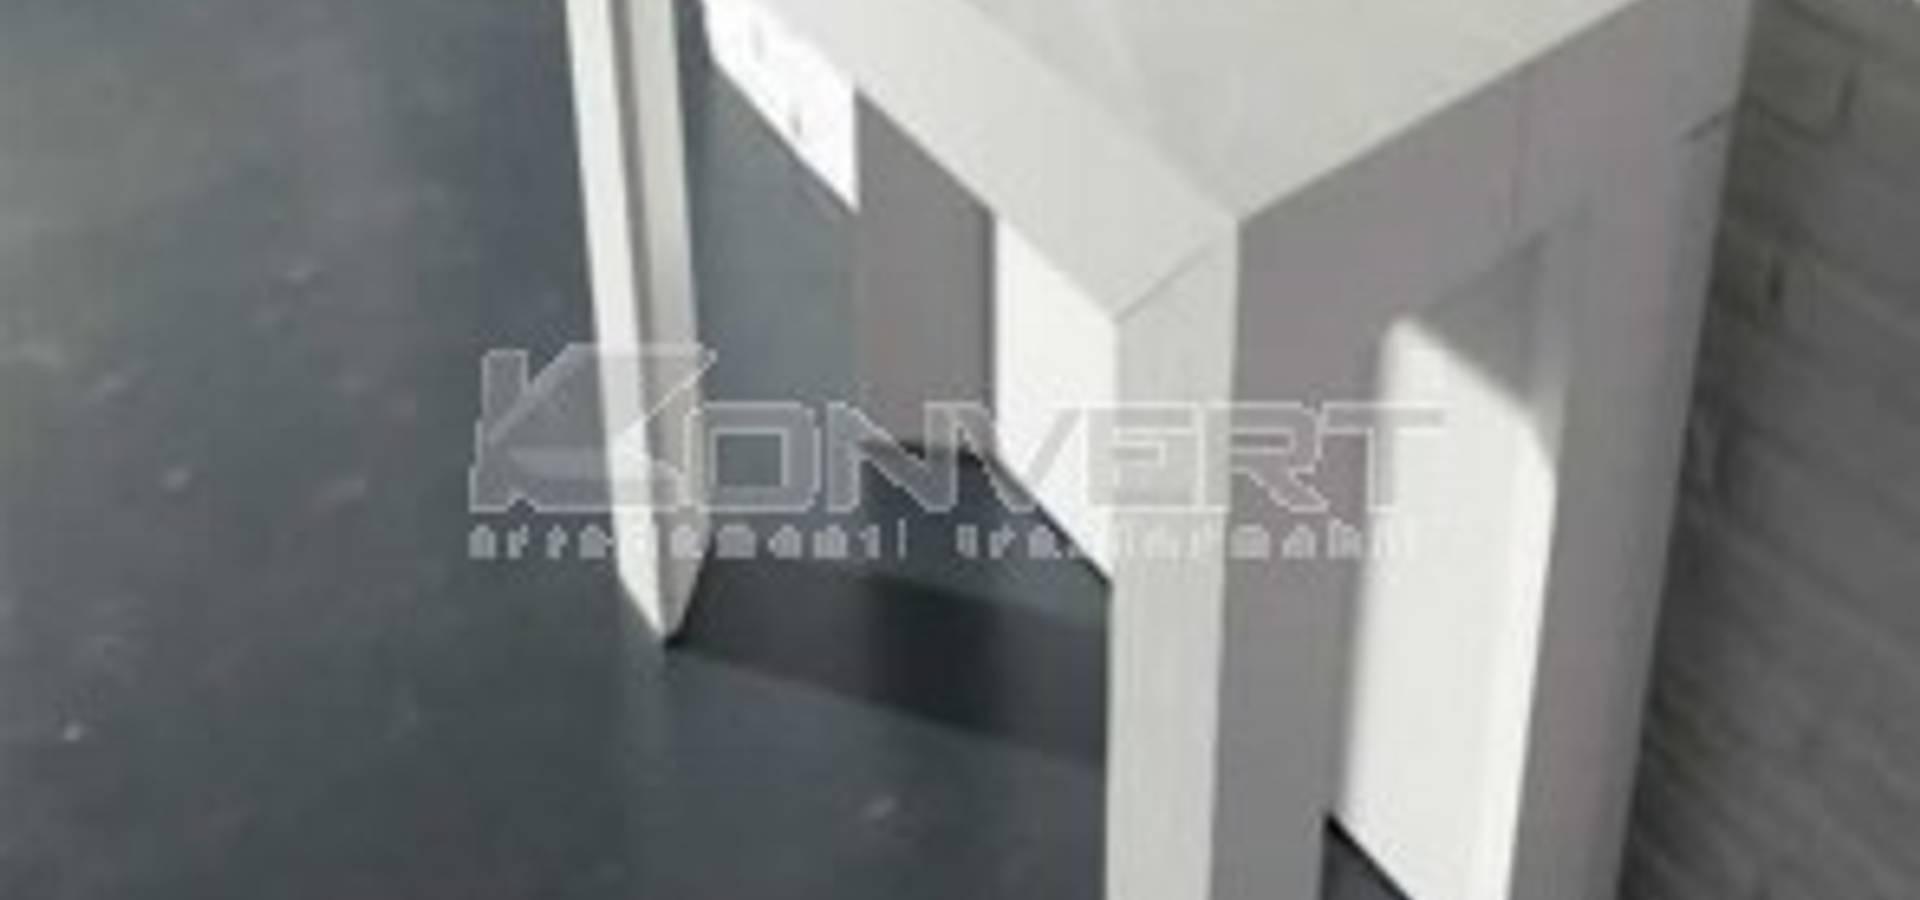 Konvert arredamenti trasformabili mobili accessori a for Arredamenti trasformabili